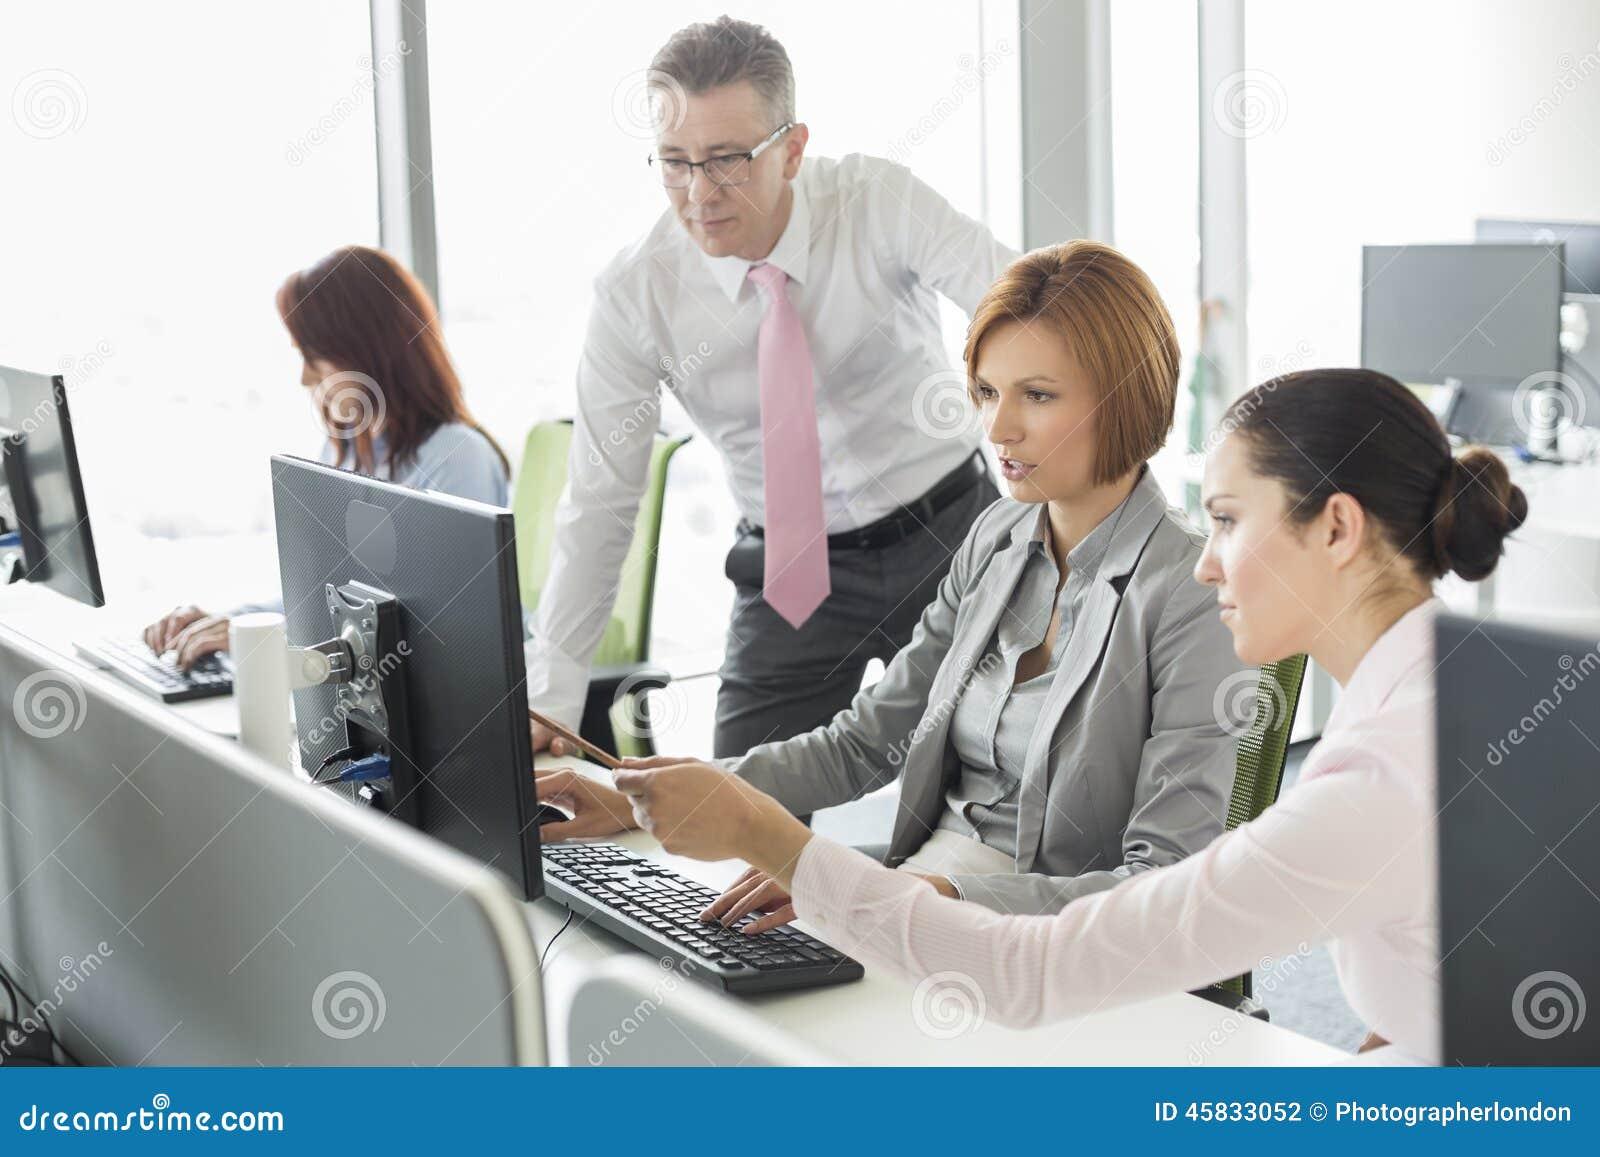 Geschaftsleute Die An Computer Im Buro Arbeiten Stockfoto Bild